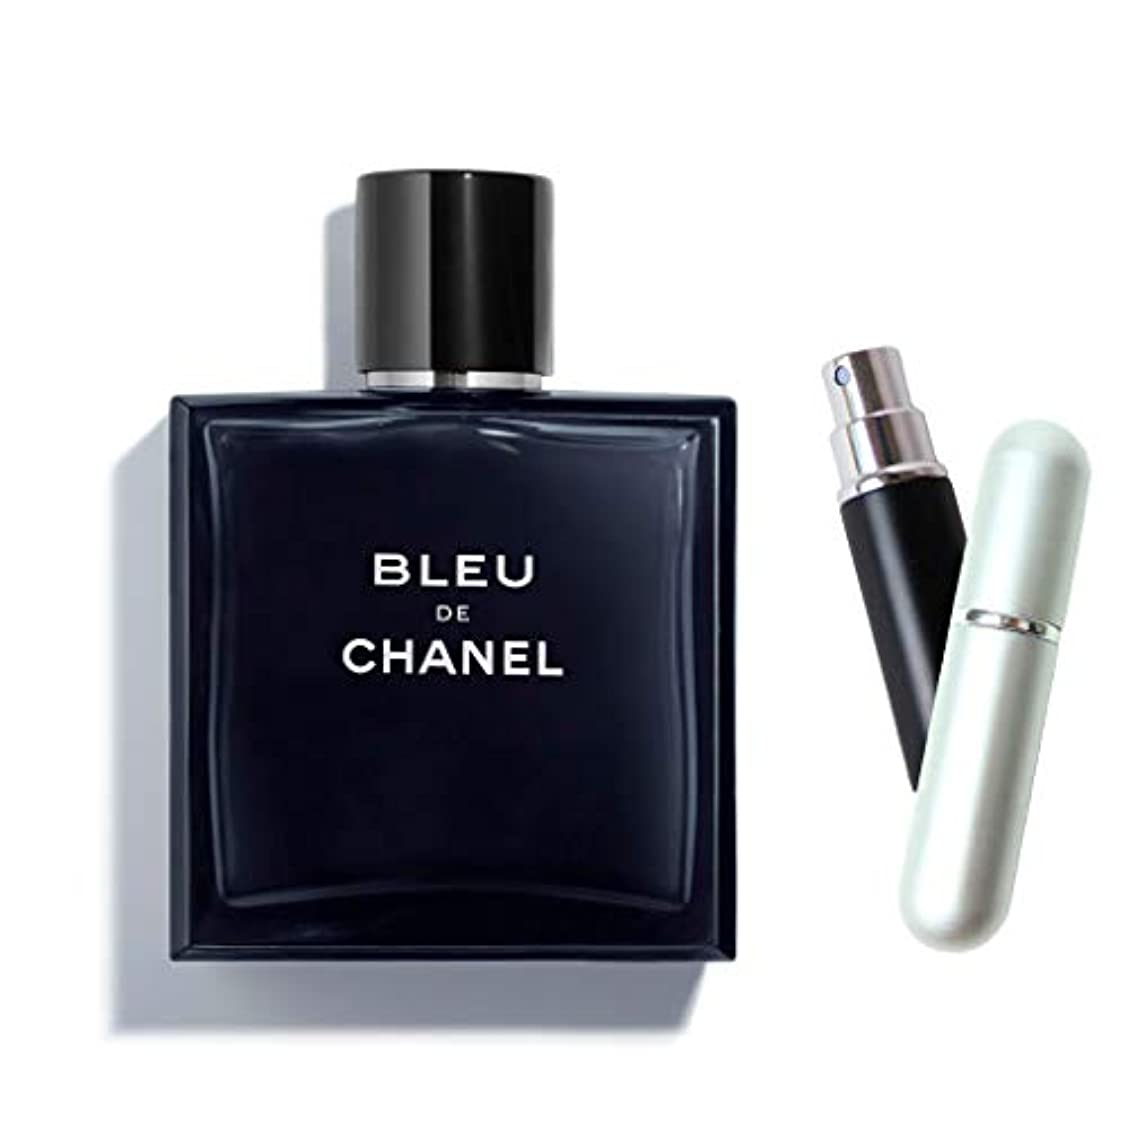 [正規品 セット品] アトマイザー付き シャネル 香水 ブルー ドゥ シャネル EDT 100ml